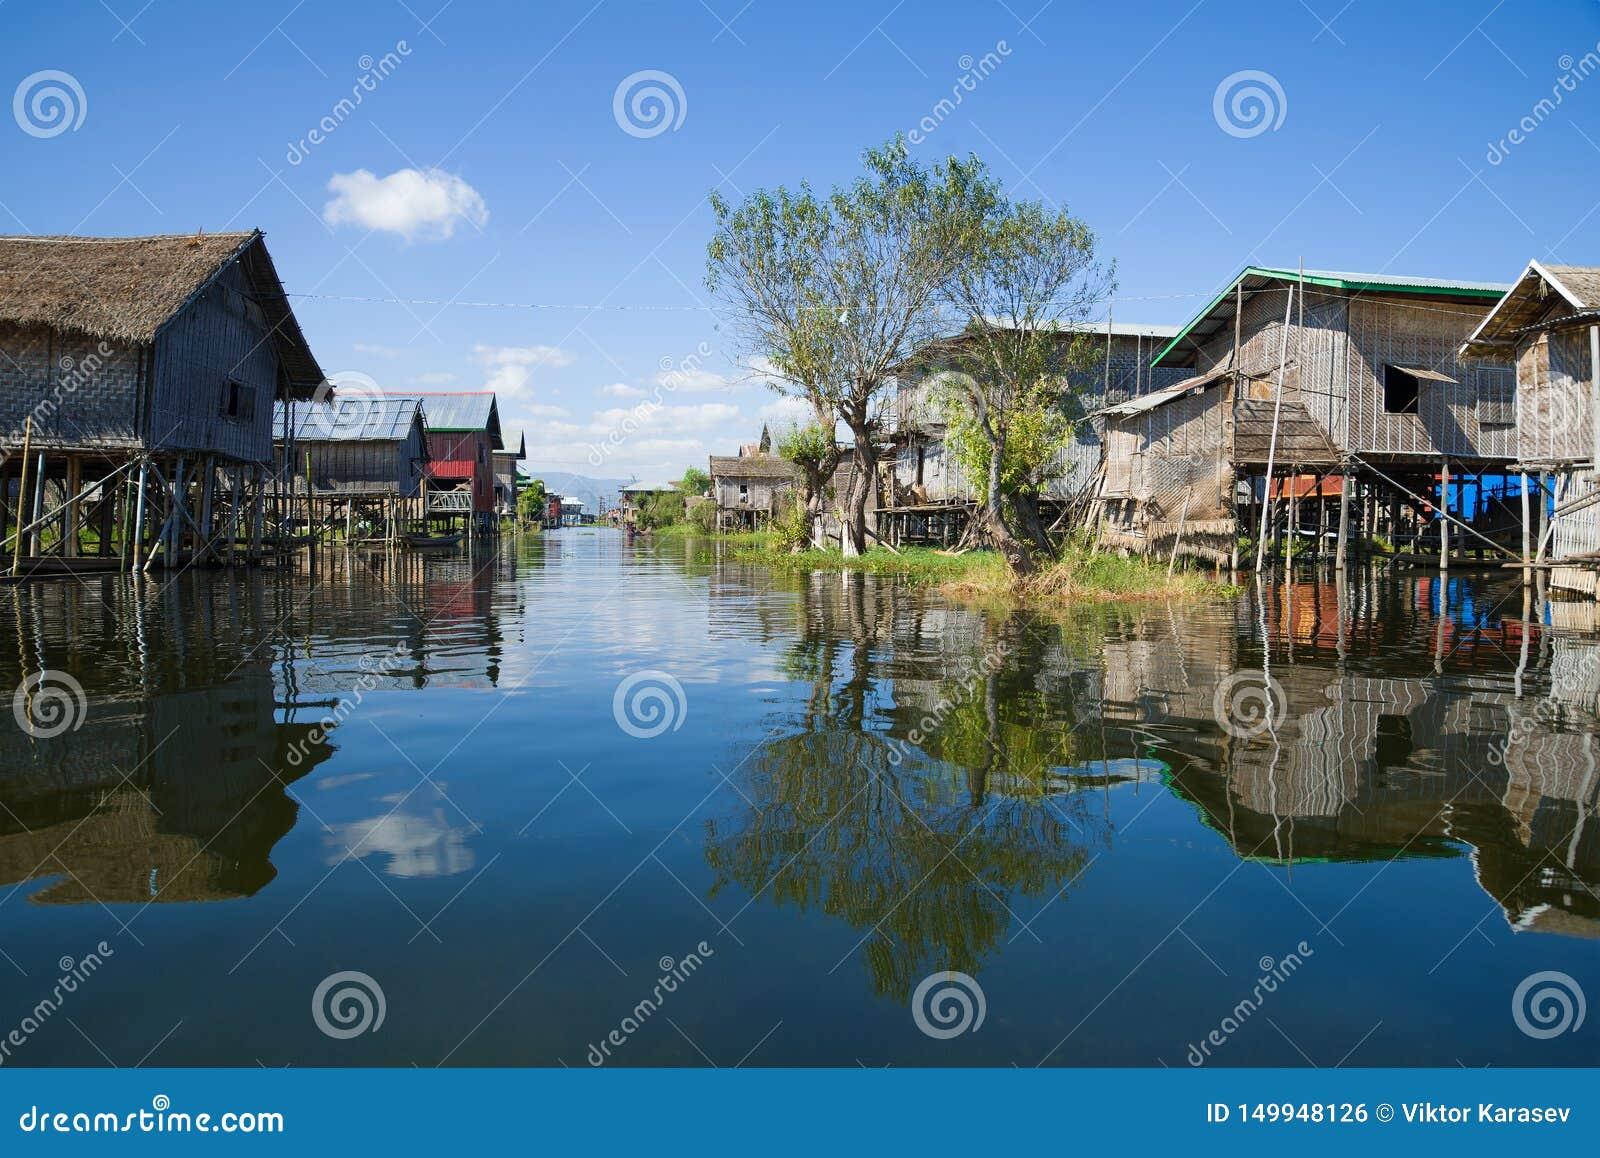 Улица деревни в рыбацком поселке на озере Inle myanmar